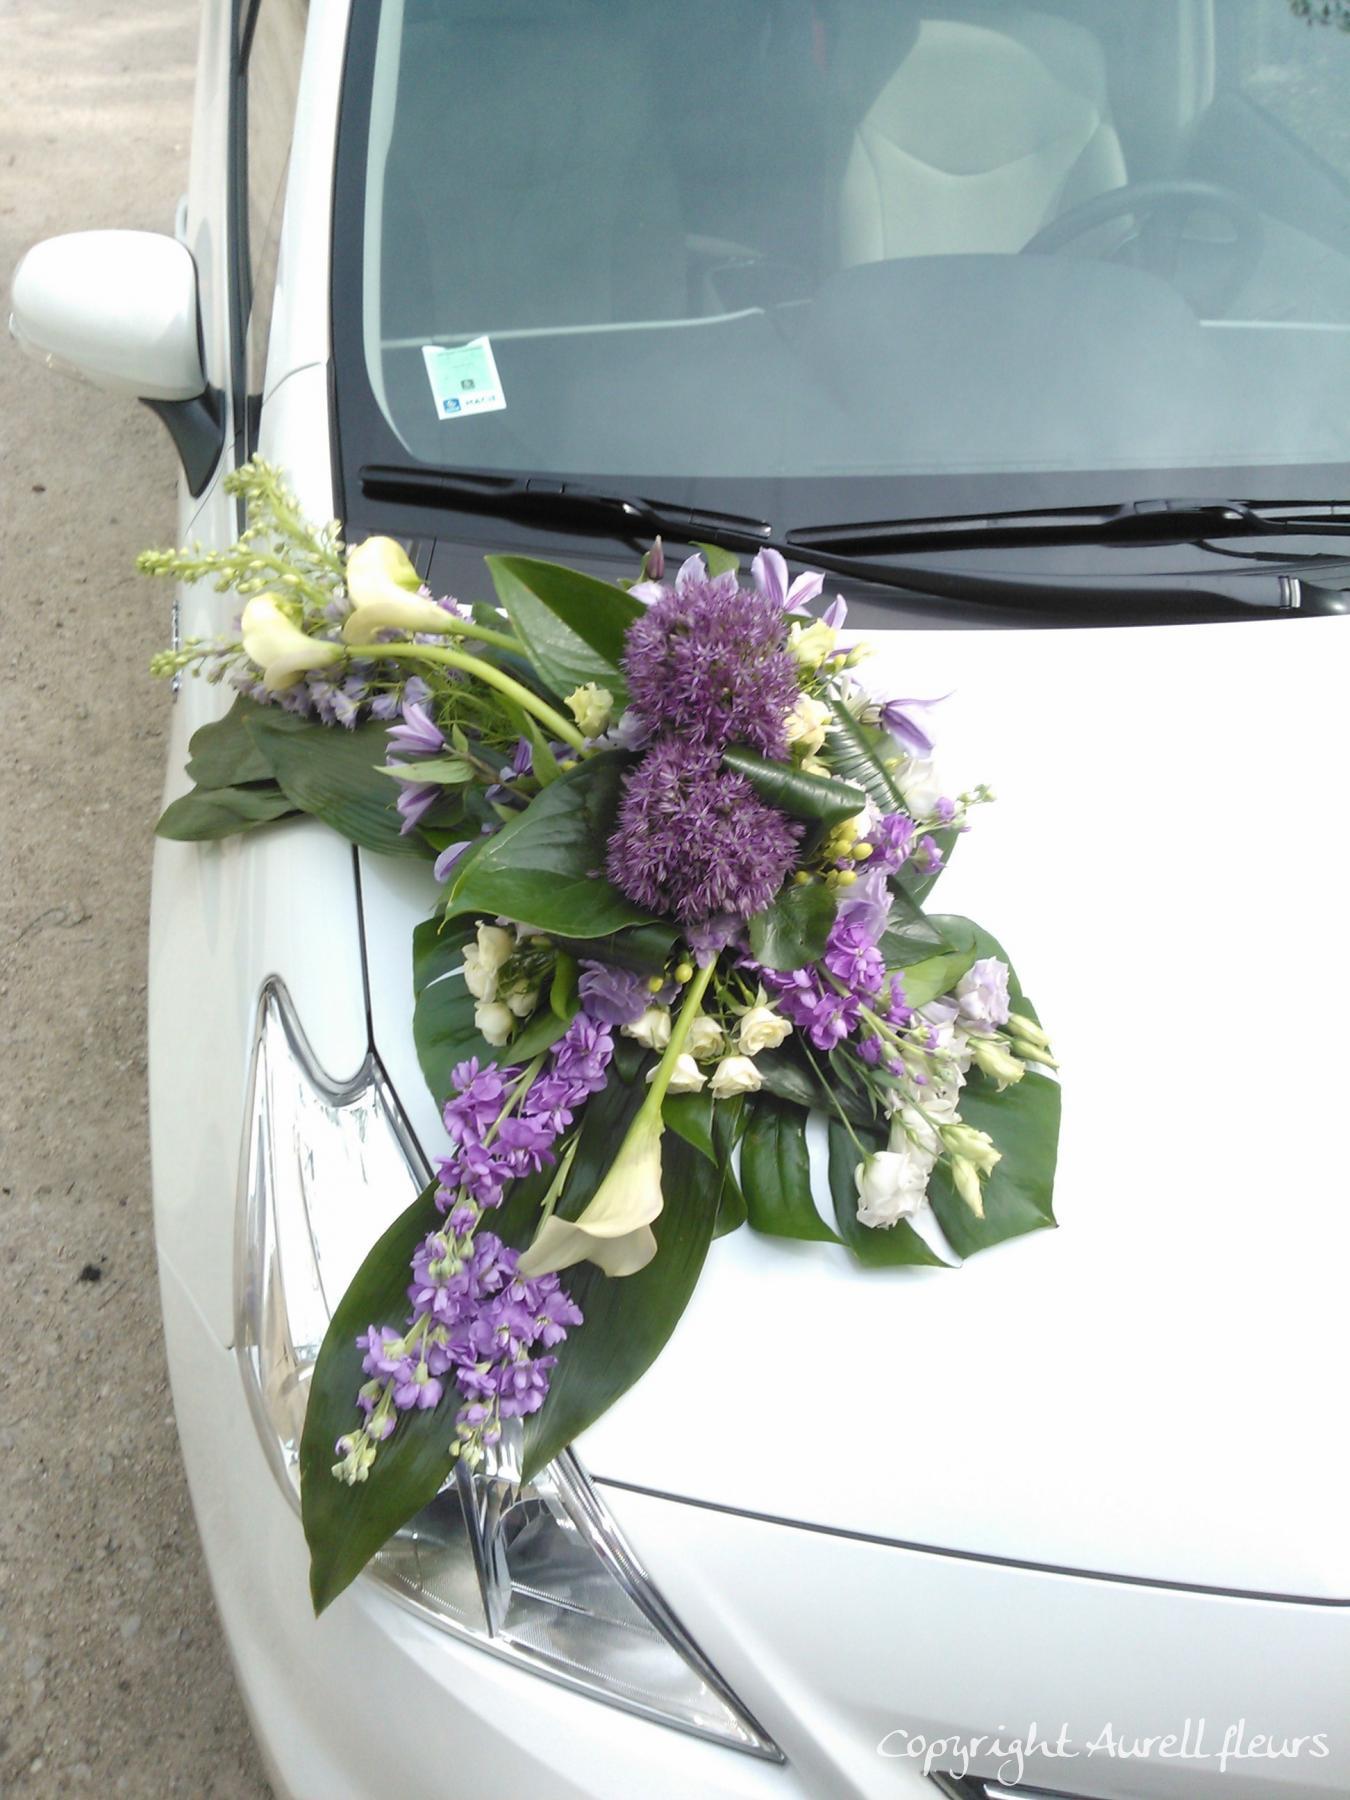 capot avant 9 à Saint-Jean-de-Braye | Aurell fleurs